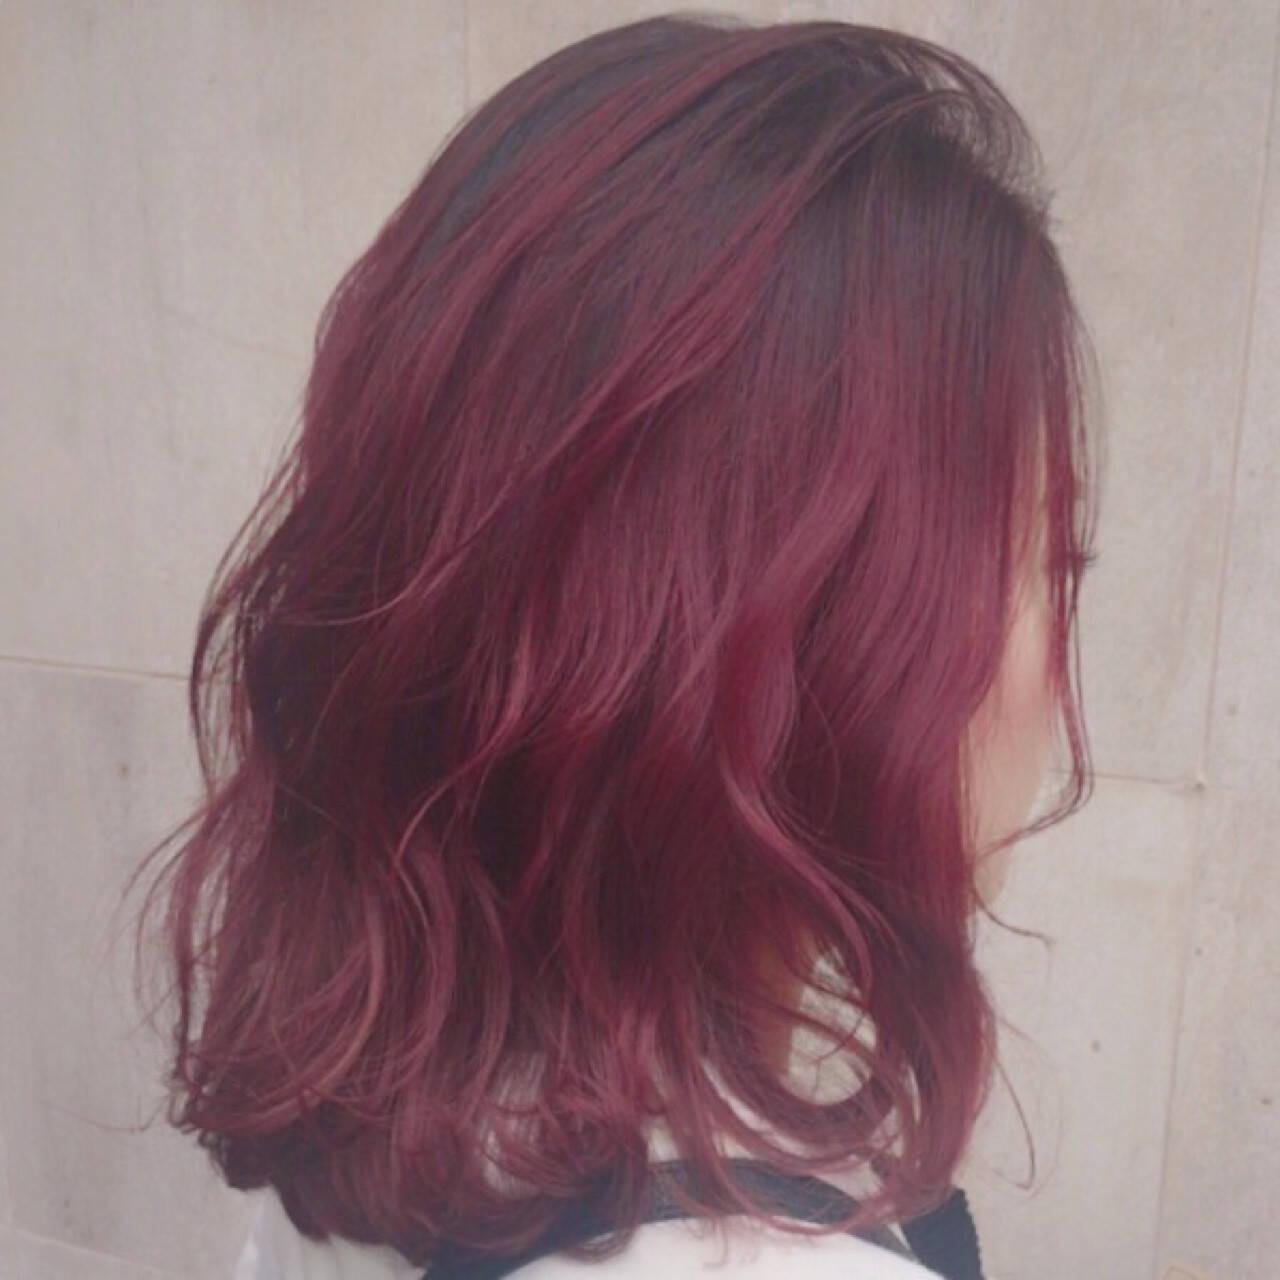 ストリート ブリーチ レッド ベリーピンクヘアスタイルや髪型の写真・画像